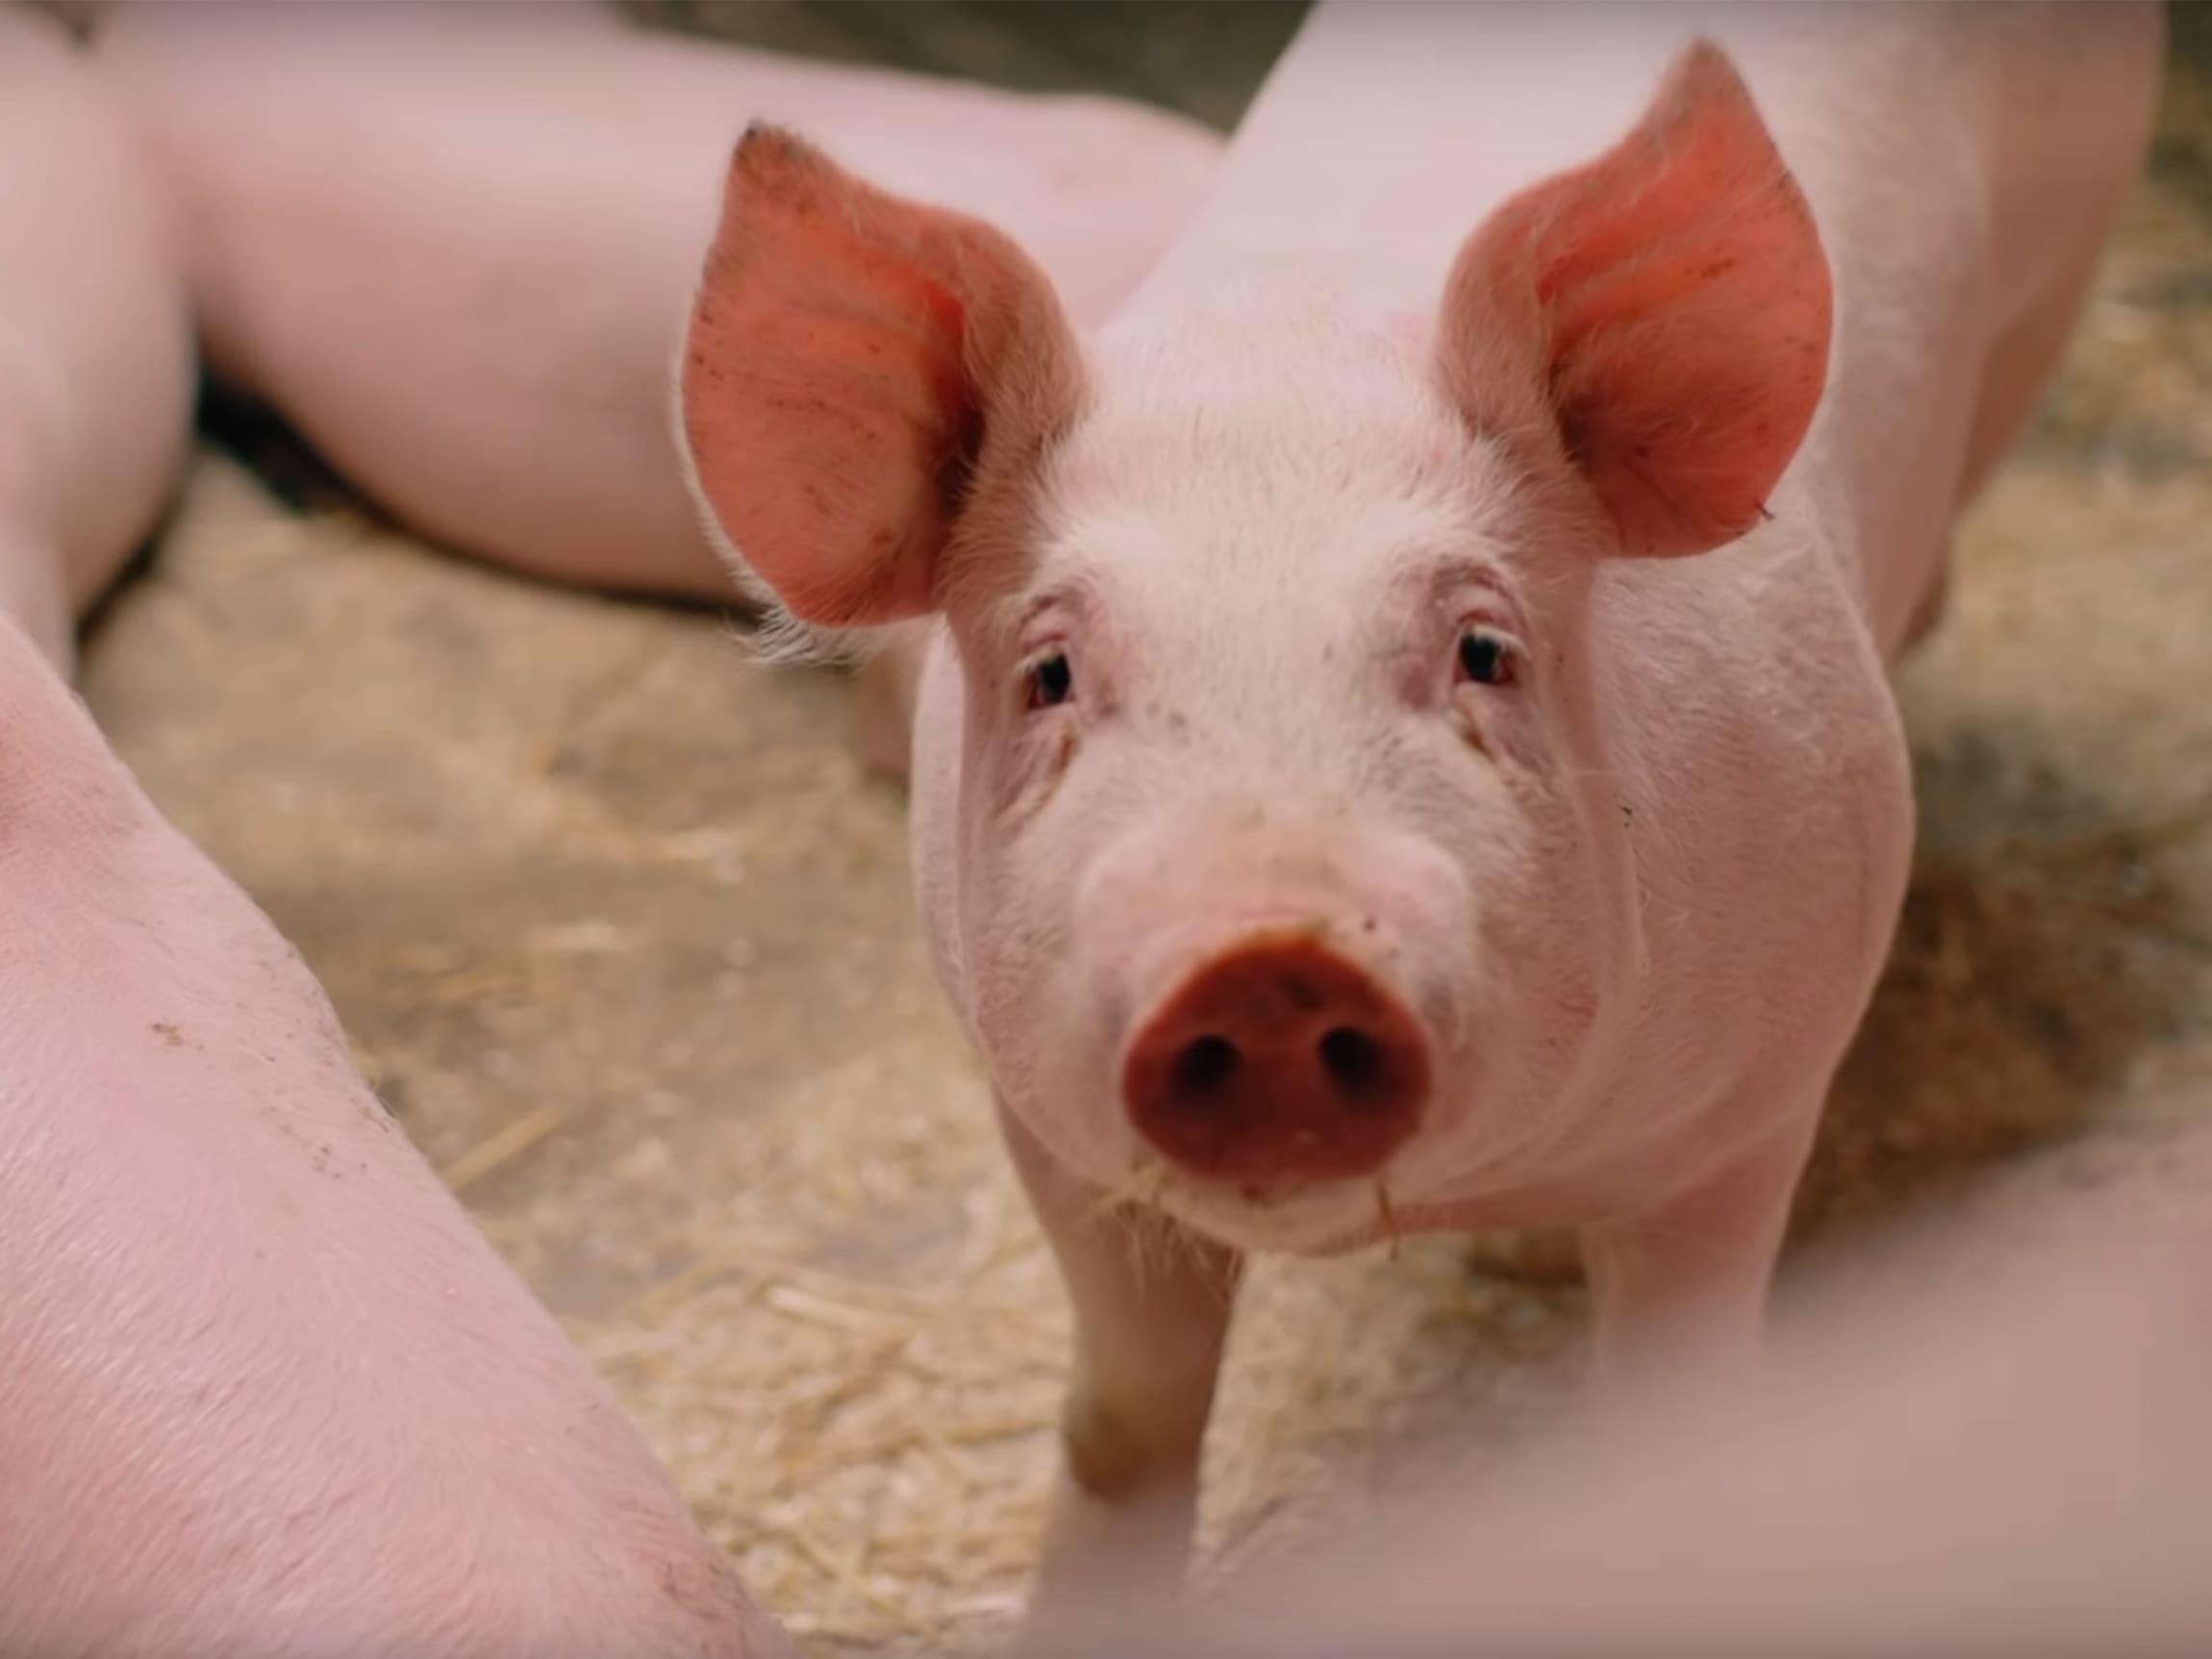 Takket være Jæren Smak har norske griser fått nye krav til dyrevelferd, ekstra plass, kort inntransport og ventilasjon.